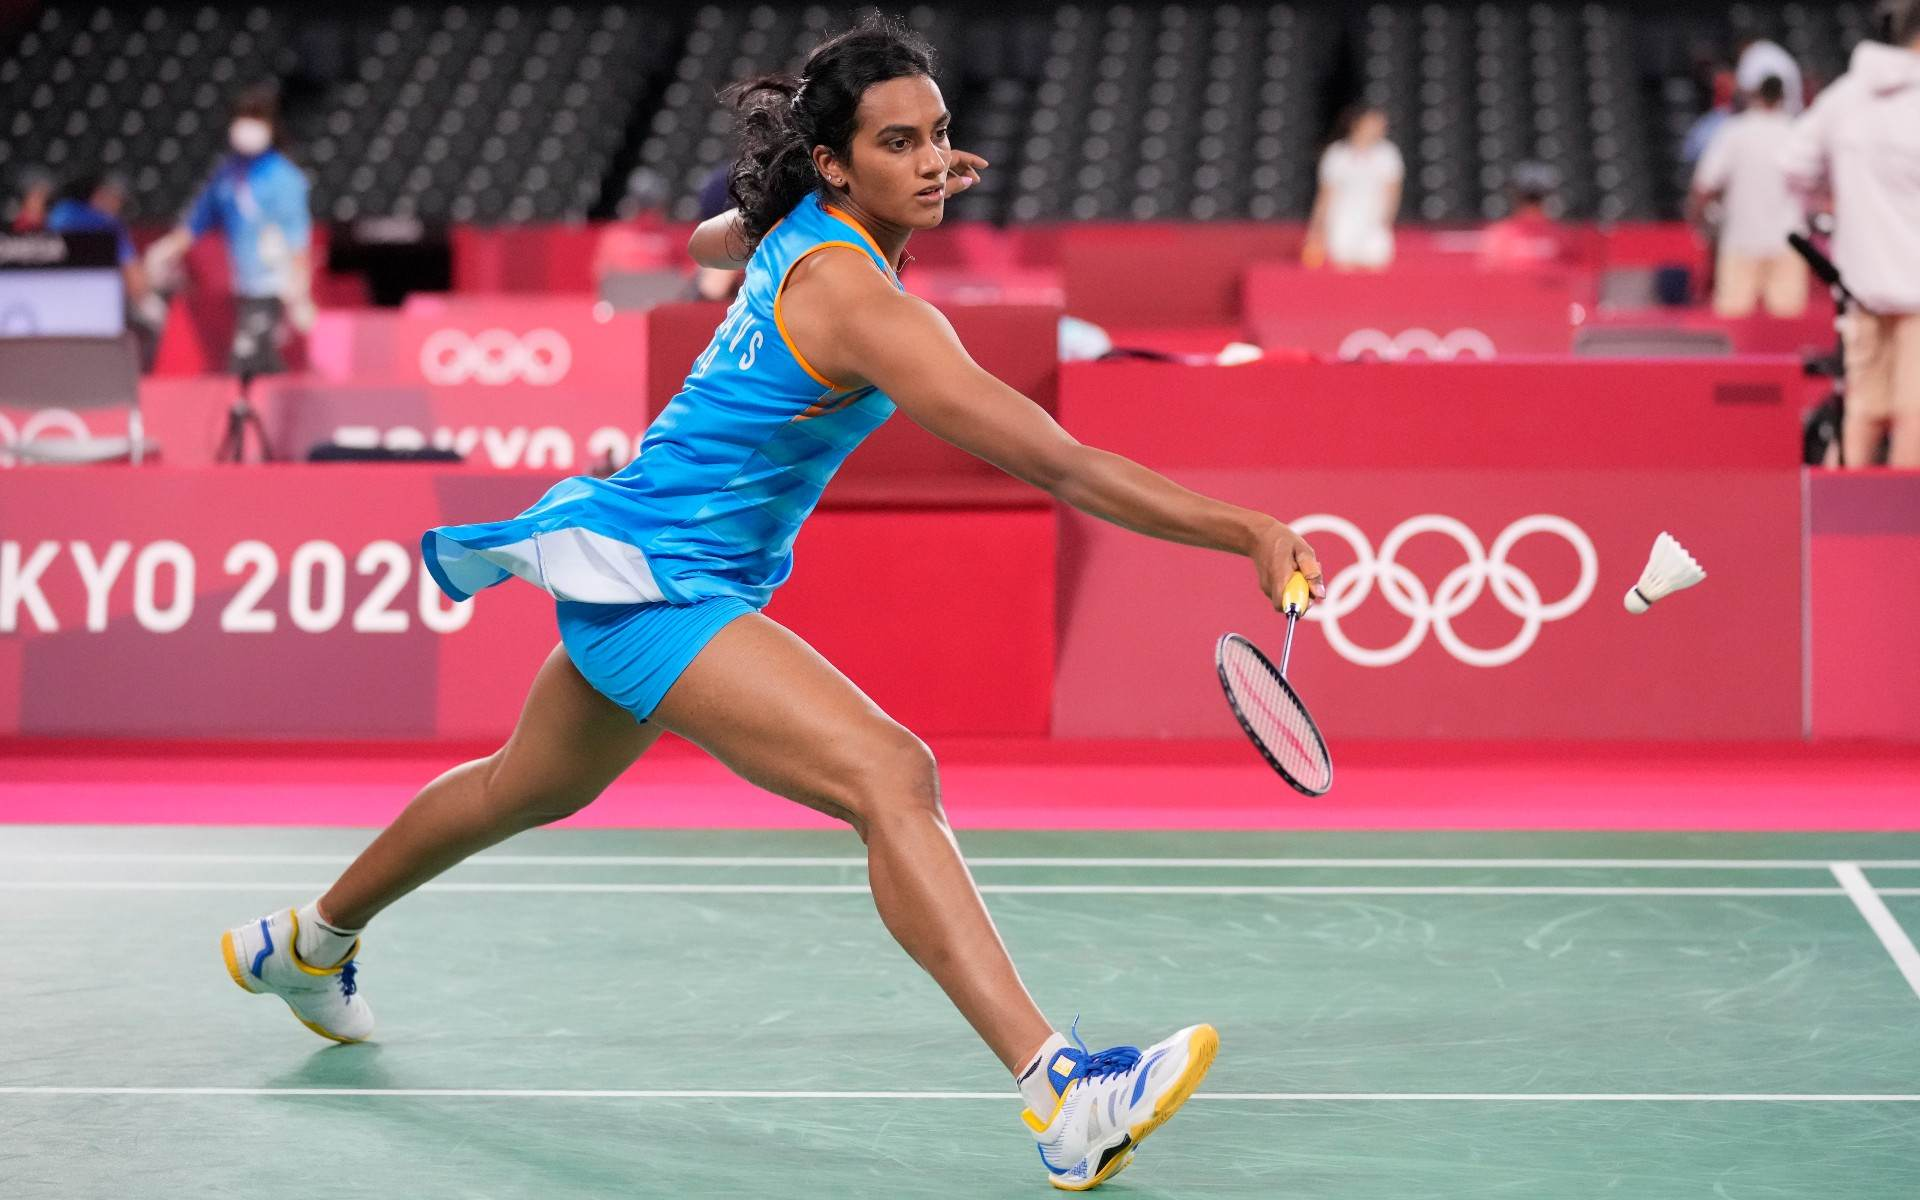 Indiana Pusarla Sindhu opta por competir de vestido e com short no badminton